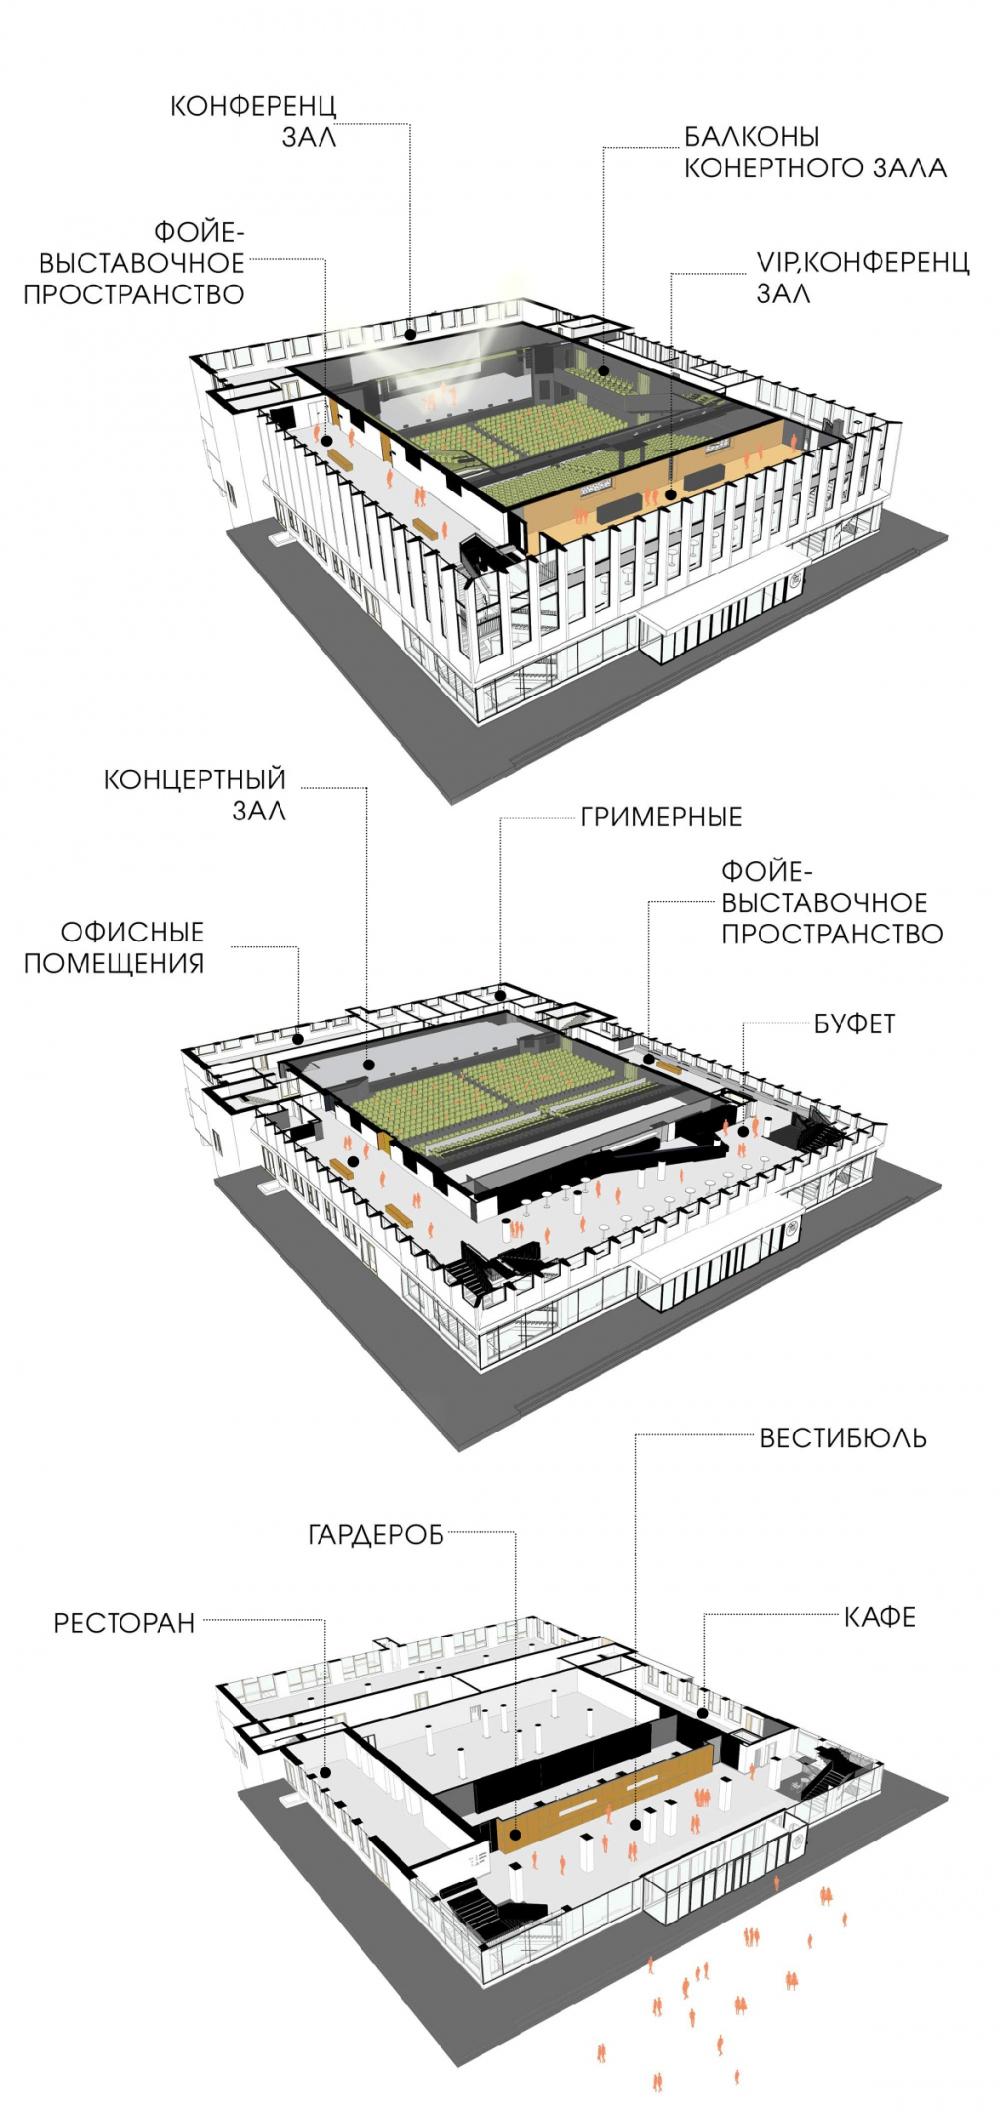 Концертный зал «Юпитер»<br>© Архитектурное бюро С. Горшунова